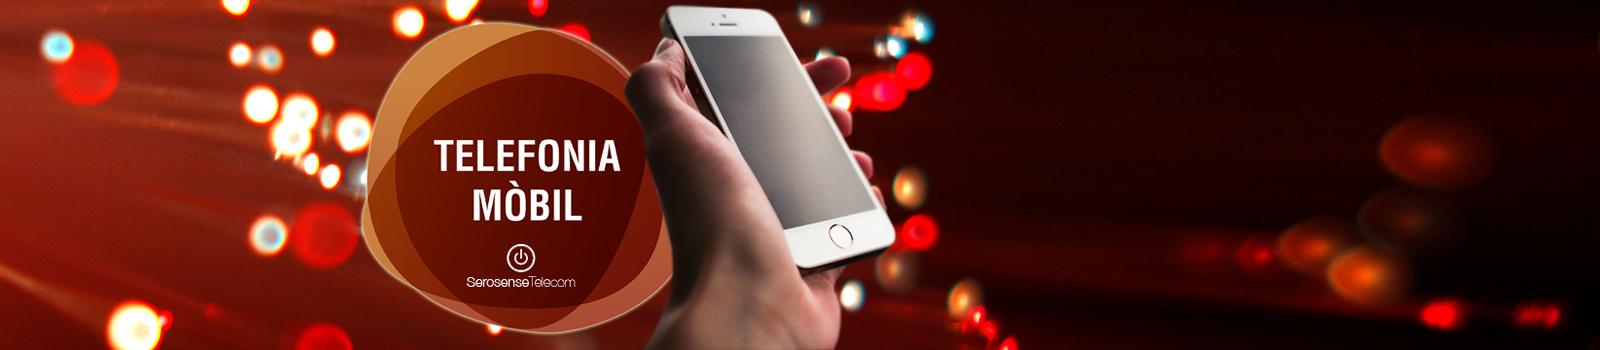 telefonia-mobil